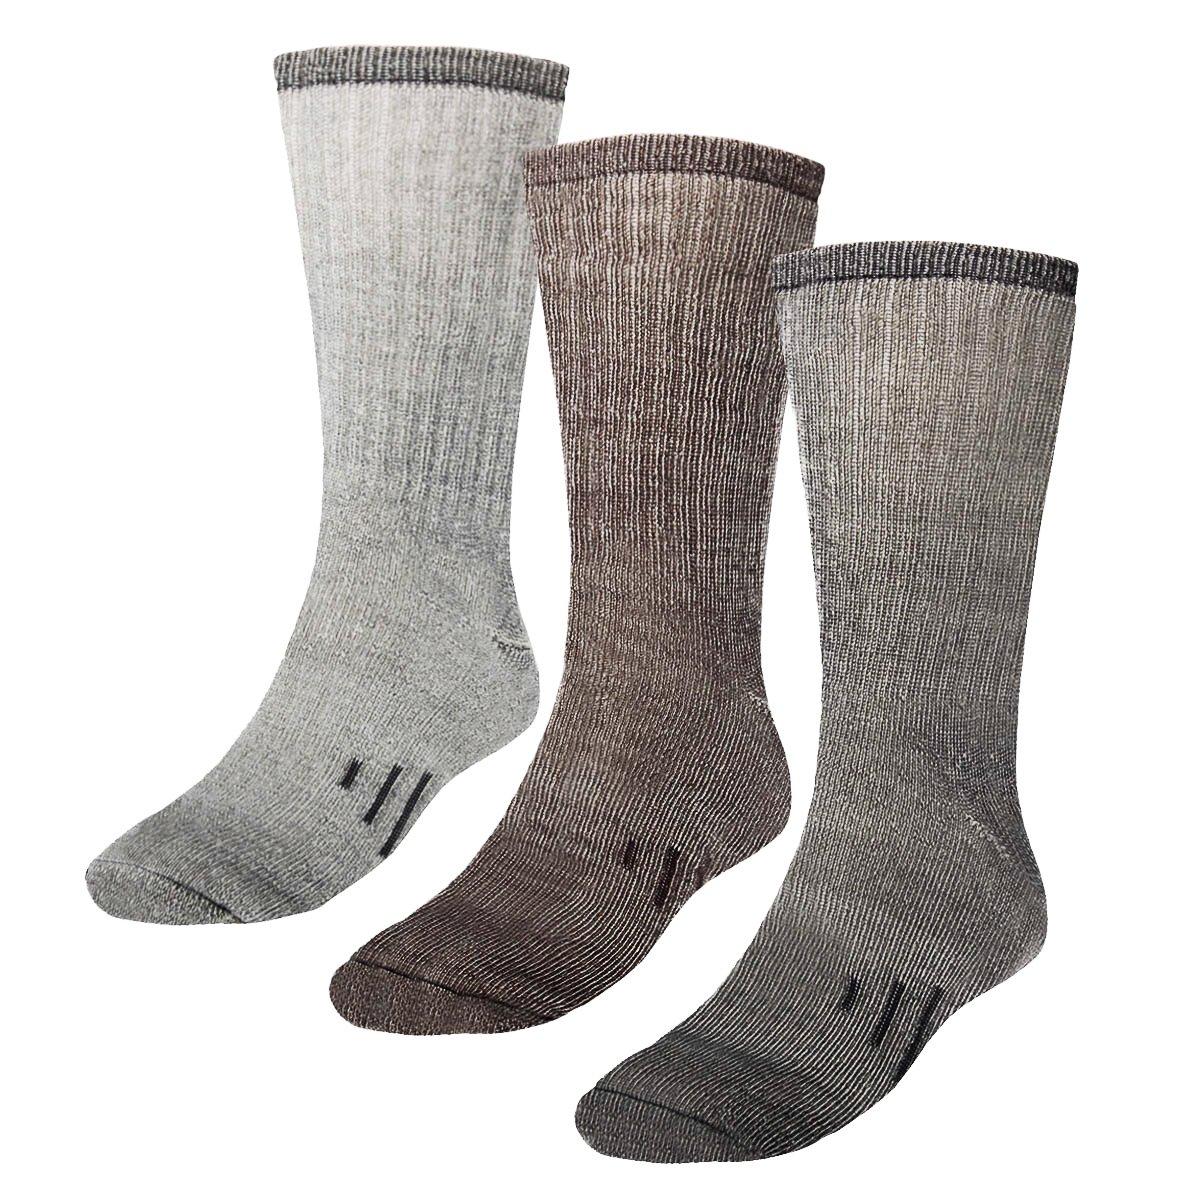 爽暖かいマレーの3の80%メリノウールの靴下:暖かい靴下、船の靴下、冬のハイキング靴下、紳士、婦人、子供は